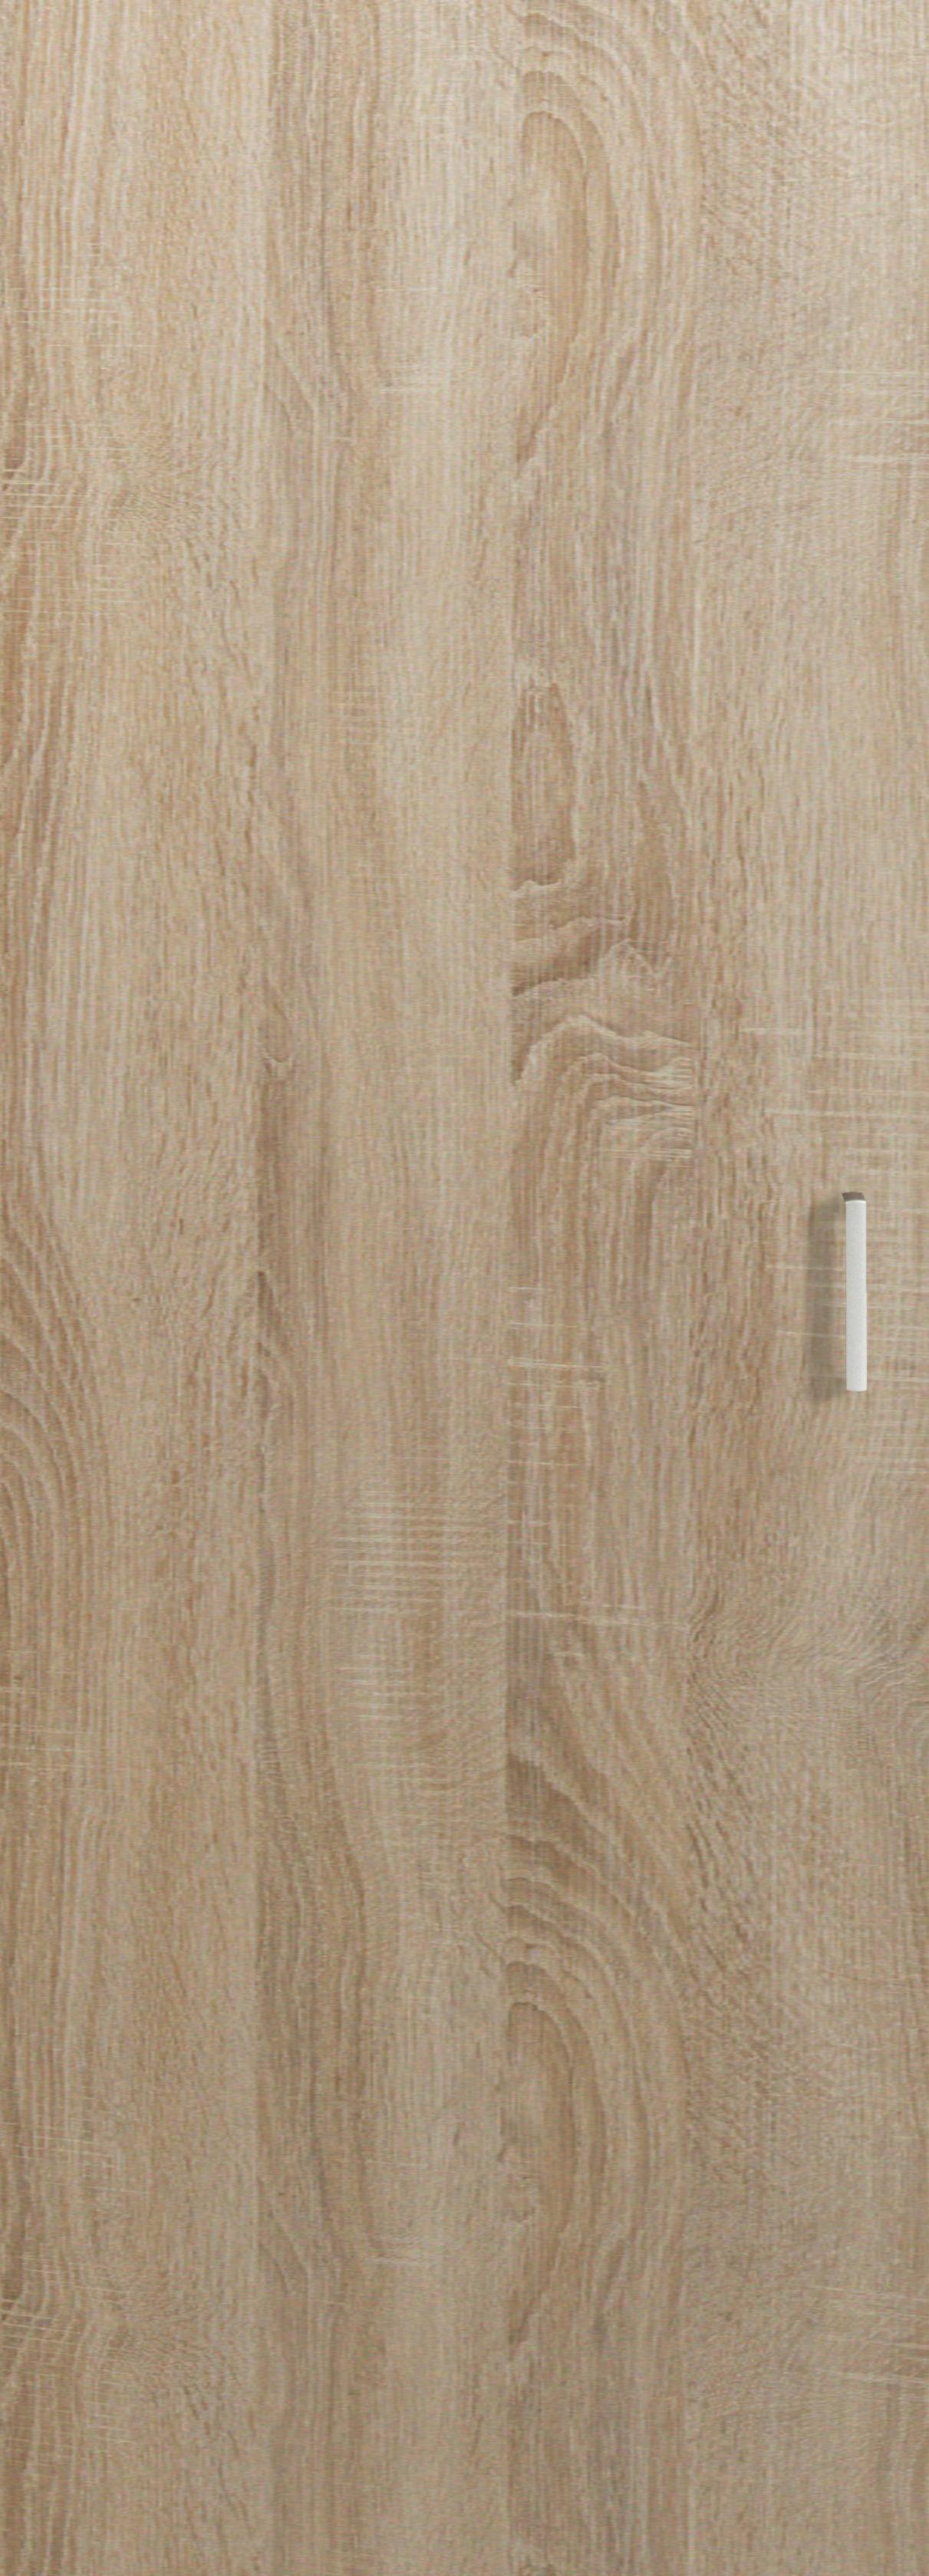 TÜR - Eichefarben/Silberfarben, KONVENTIONELL, Holzwerkstoff/Kunststoff (51/140/1,5cm) - CS SCHMAL